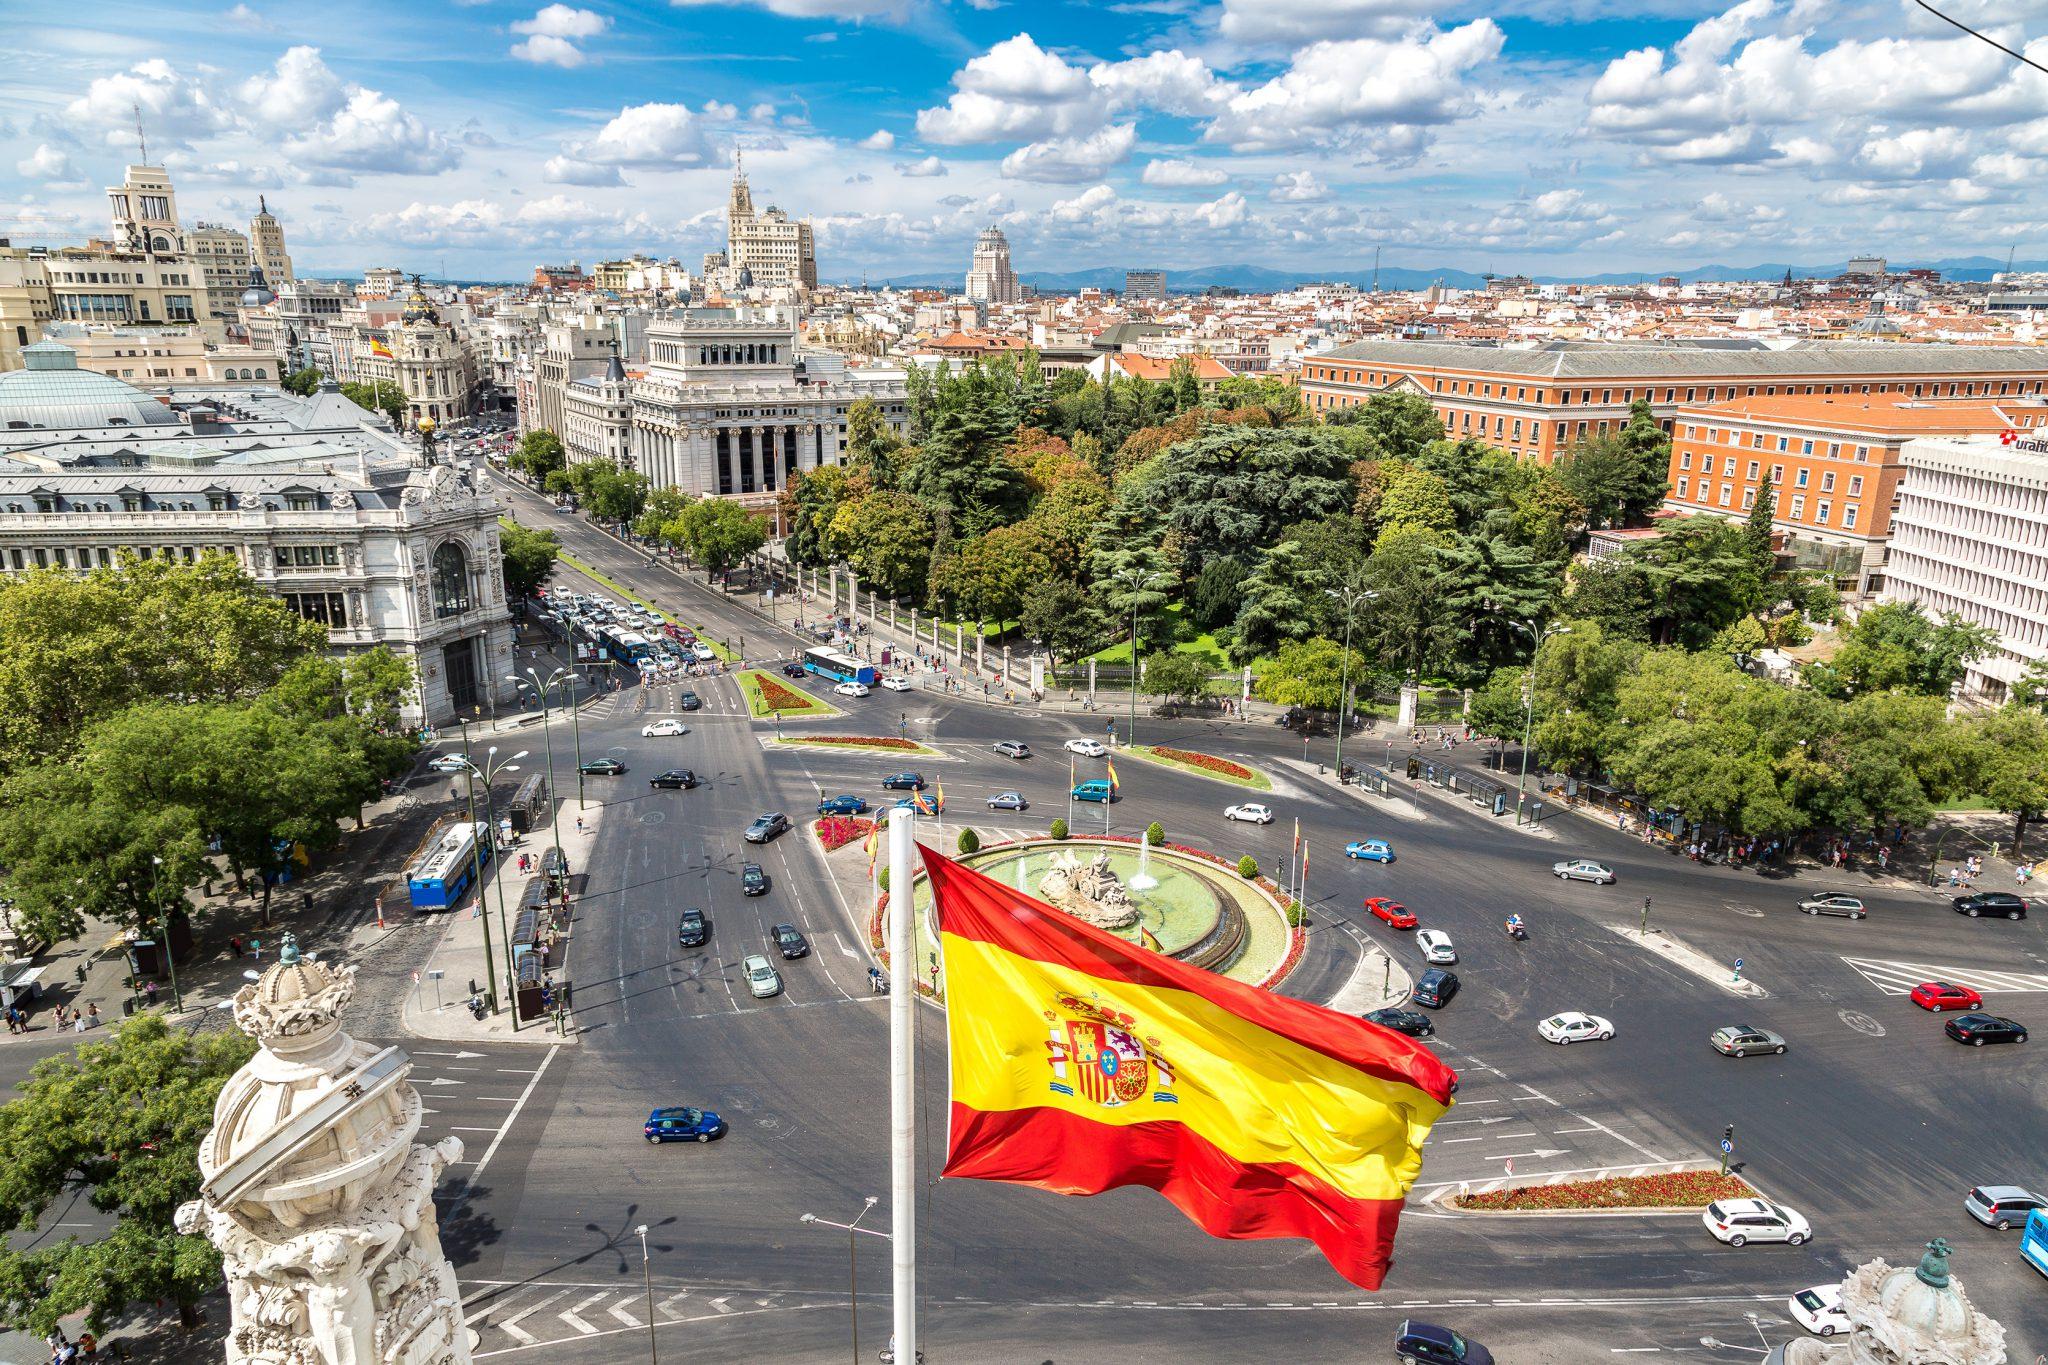 برنامج سياحي لزيارة معالم اسبانيا في 15 يوم